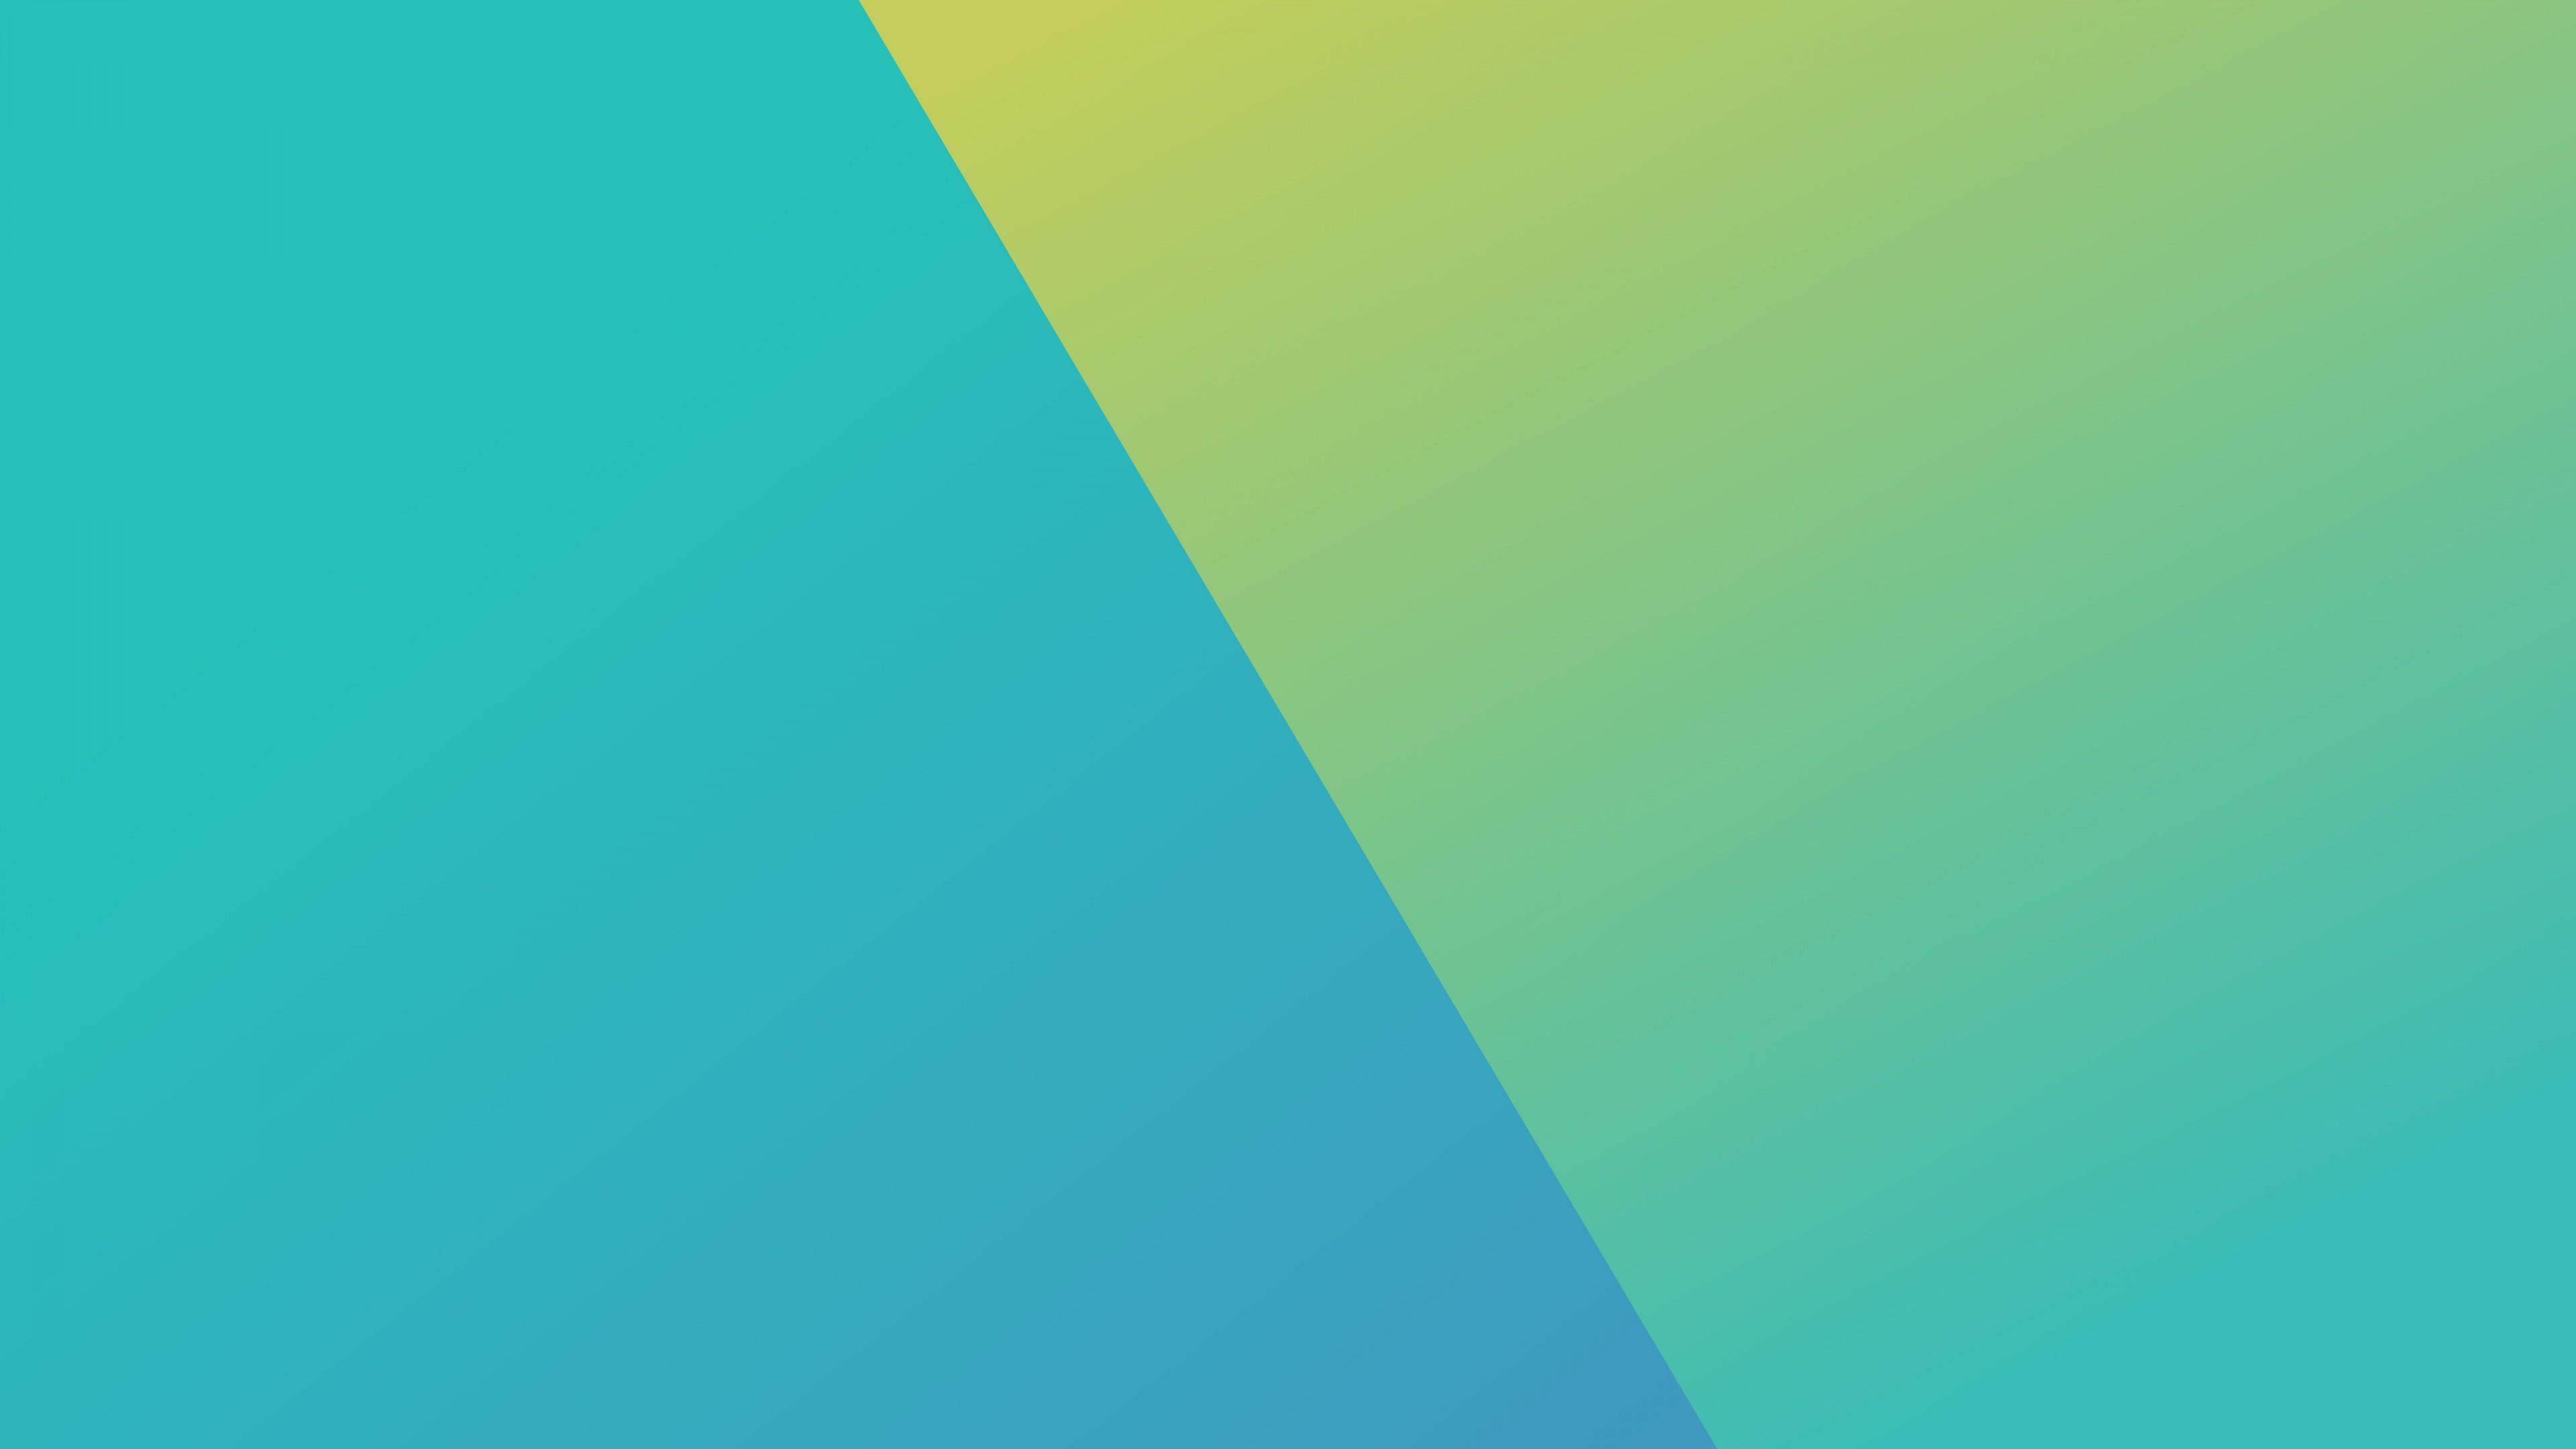 Геометрические фигуры синего и зеленого цвета